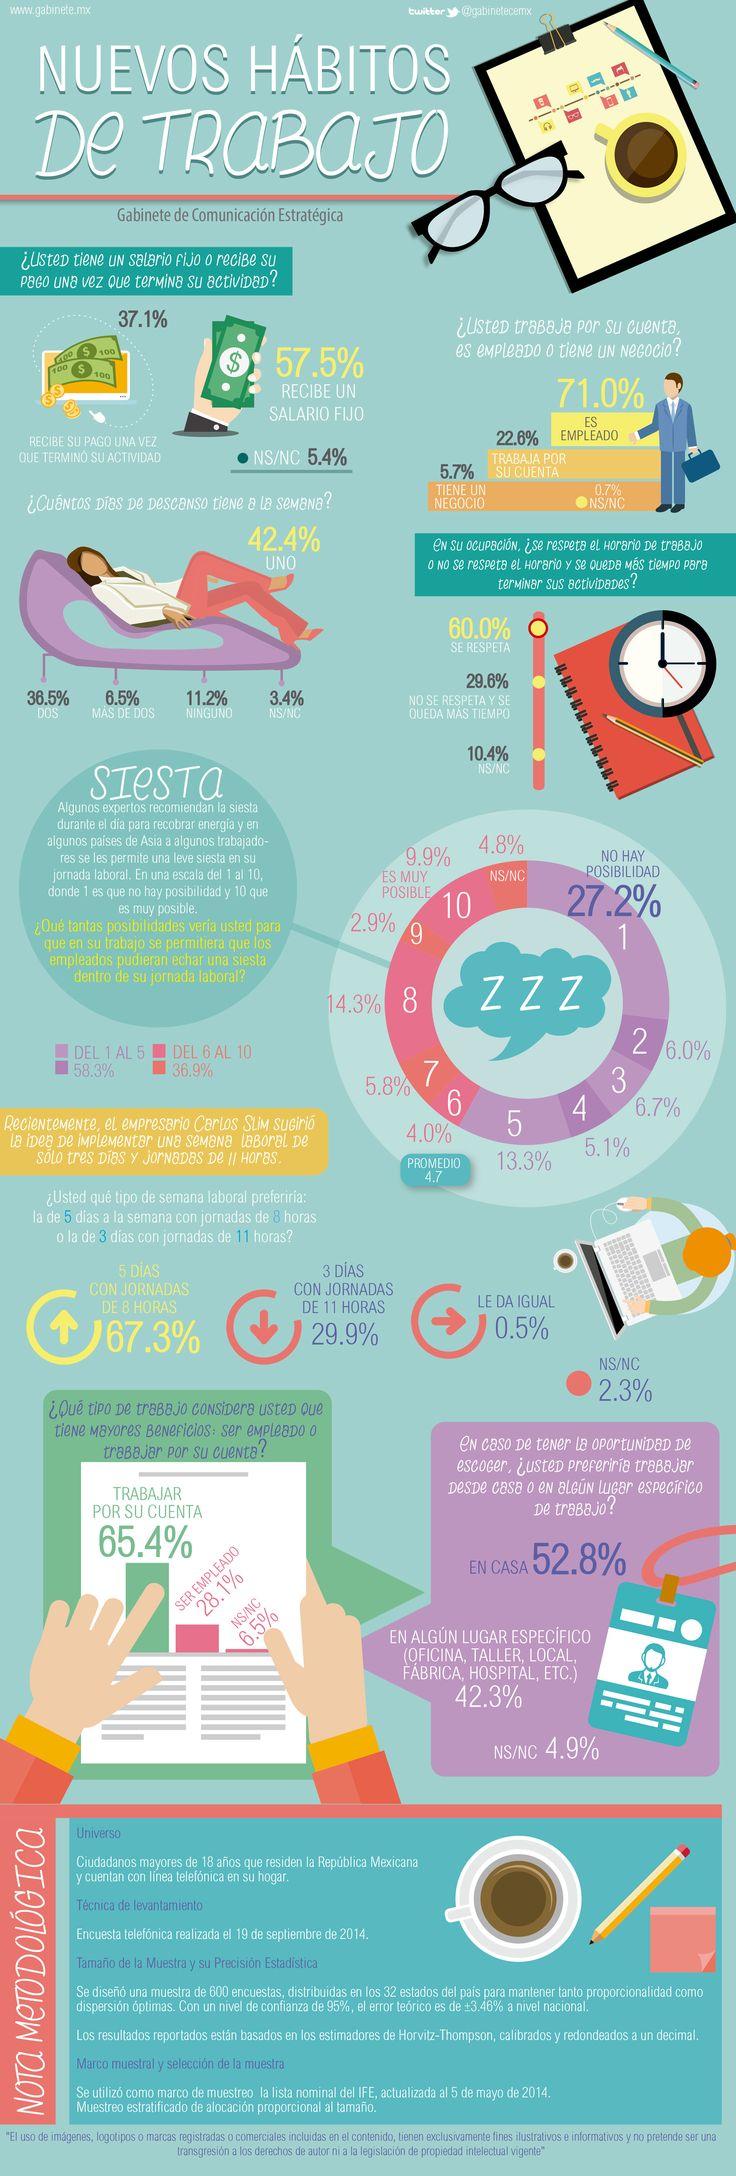 infografia-nuevos-habitos-de-trabajo-de-los-mexicanos.jpg 1,785×5,279 píxeles